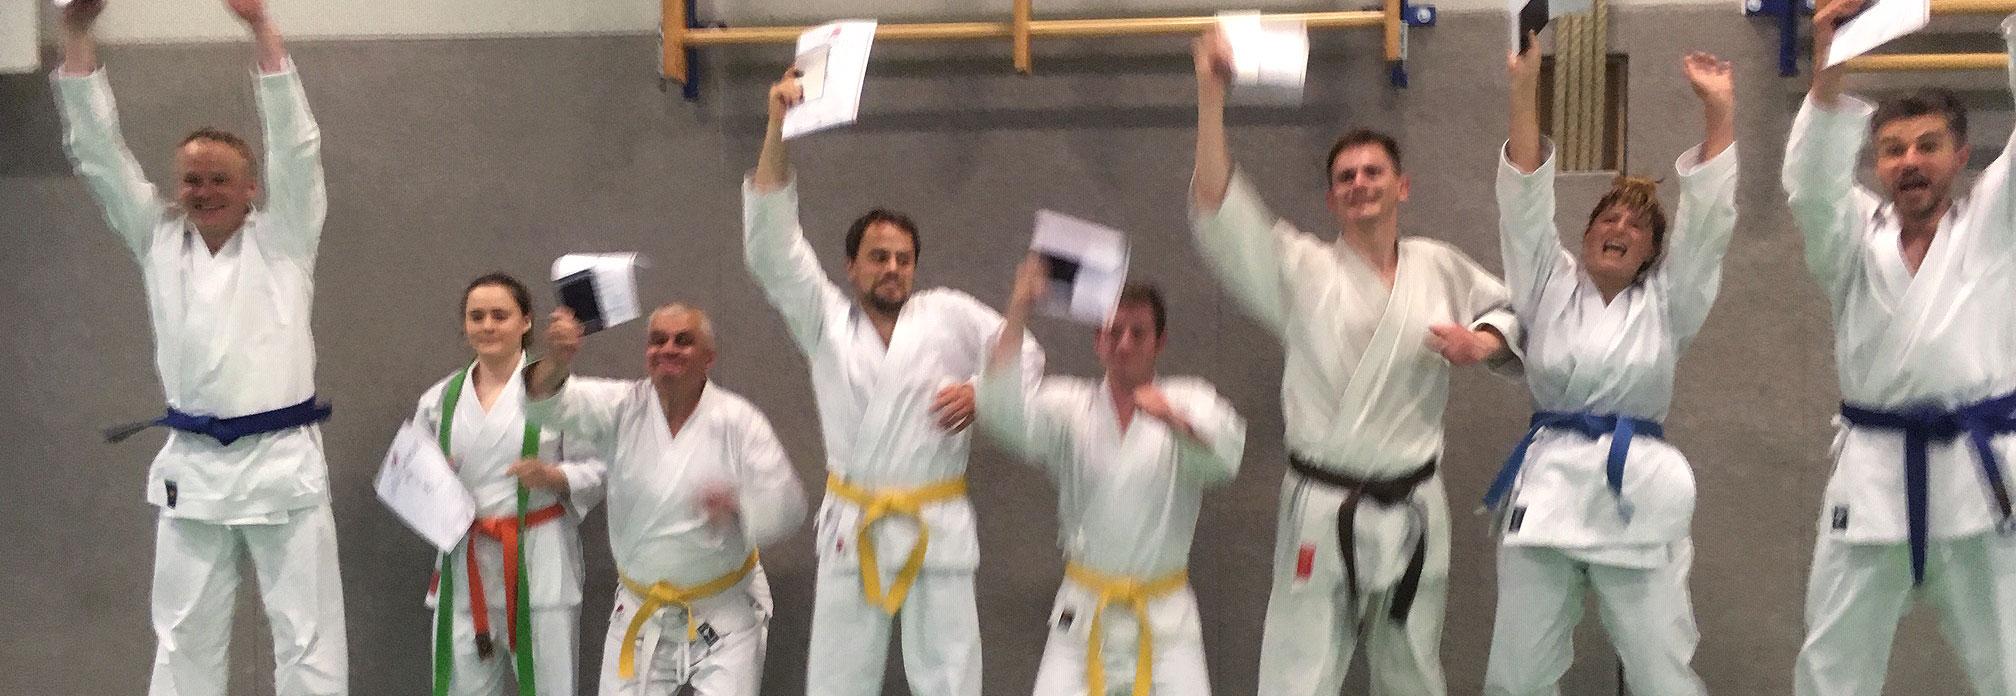 Gratulation zu den zwei Kyu-Prüfungen